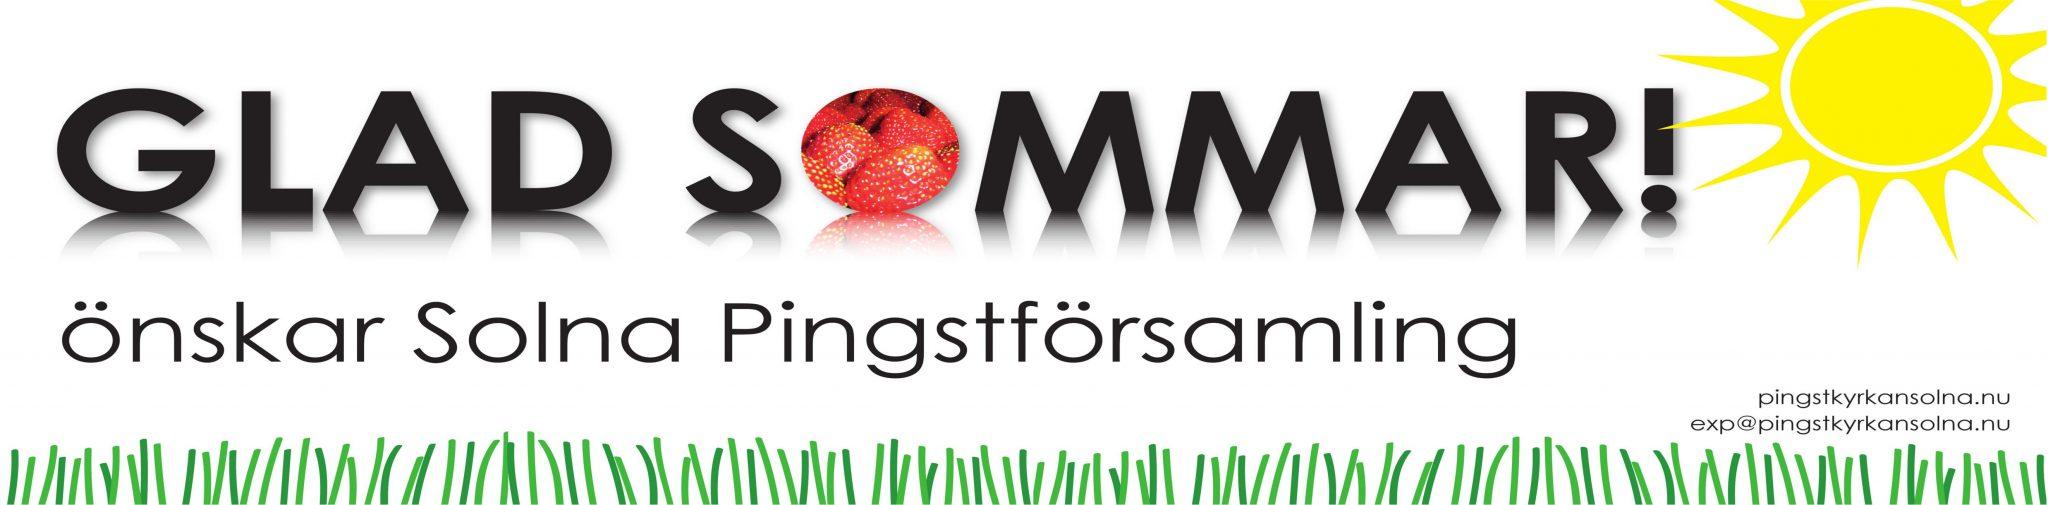 Sommarbanderoll2012